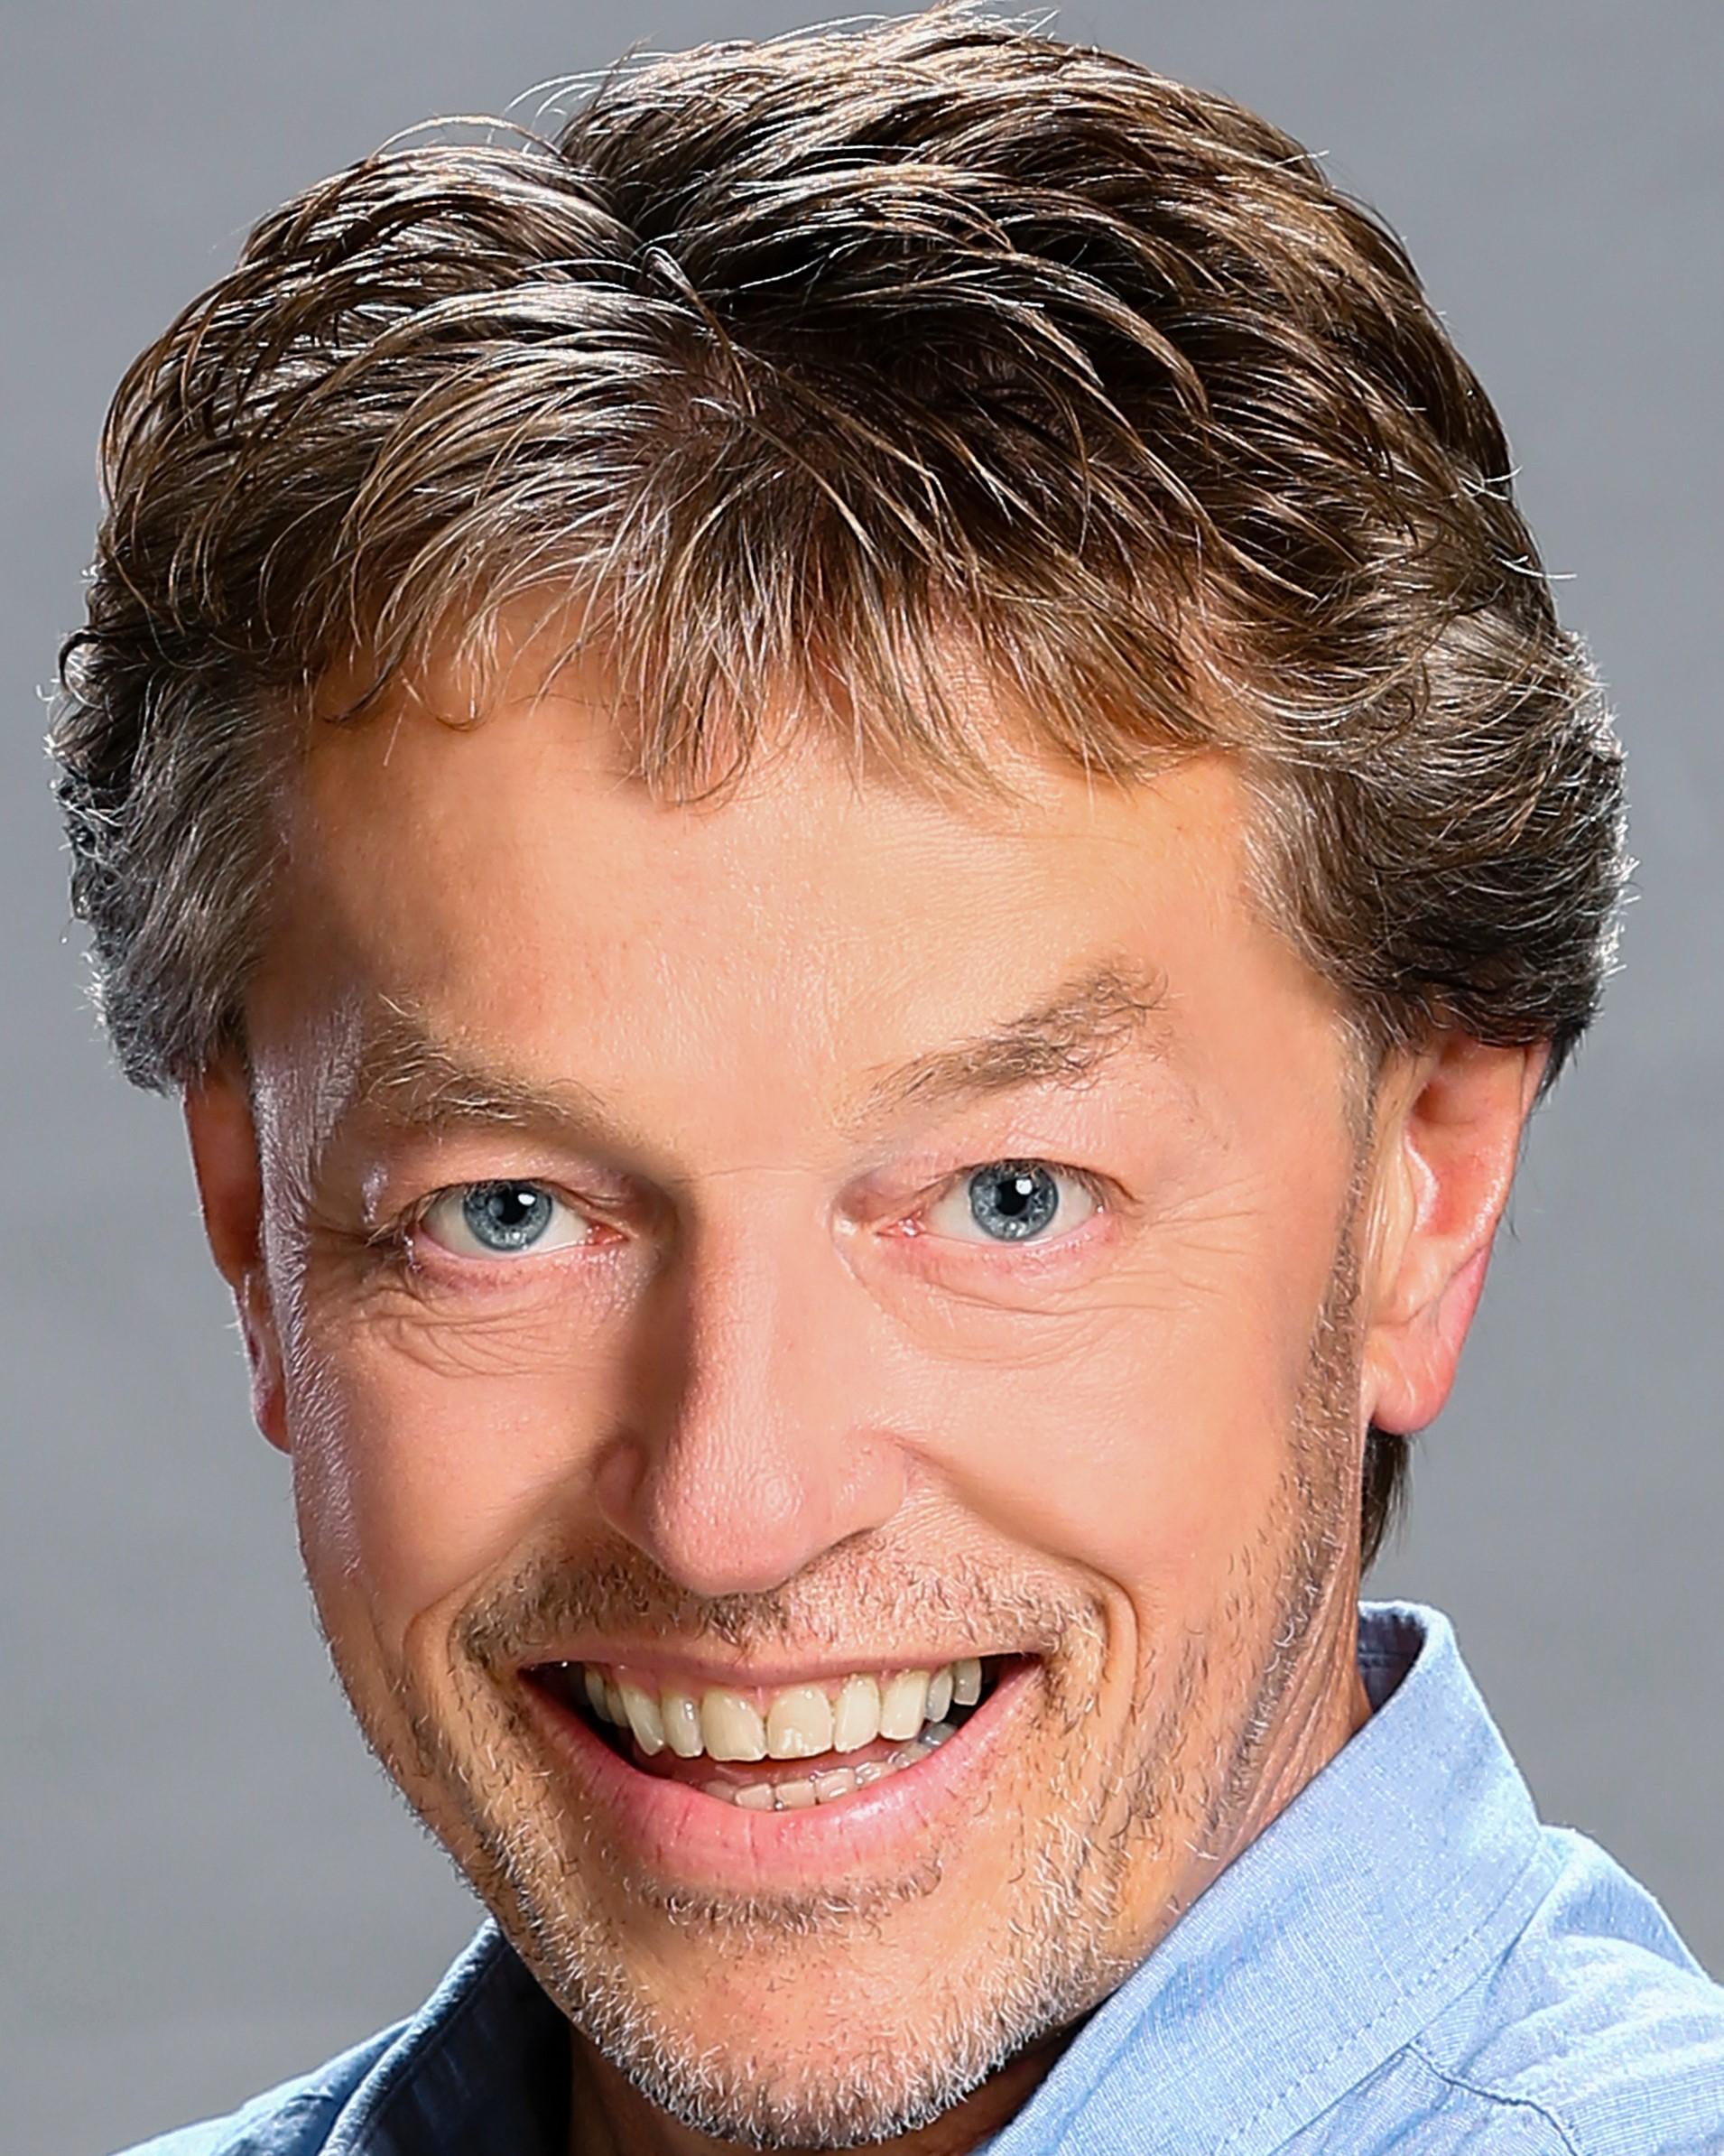 John Vande Hoef